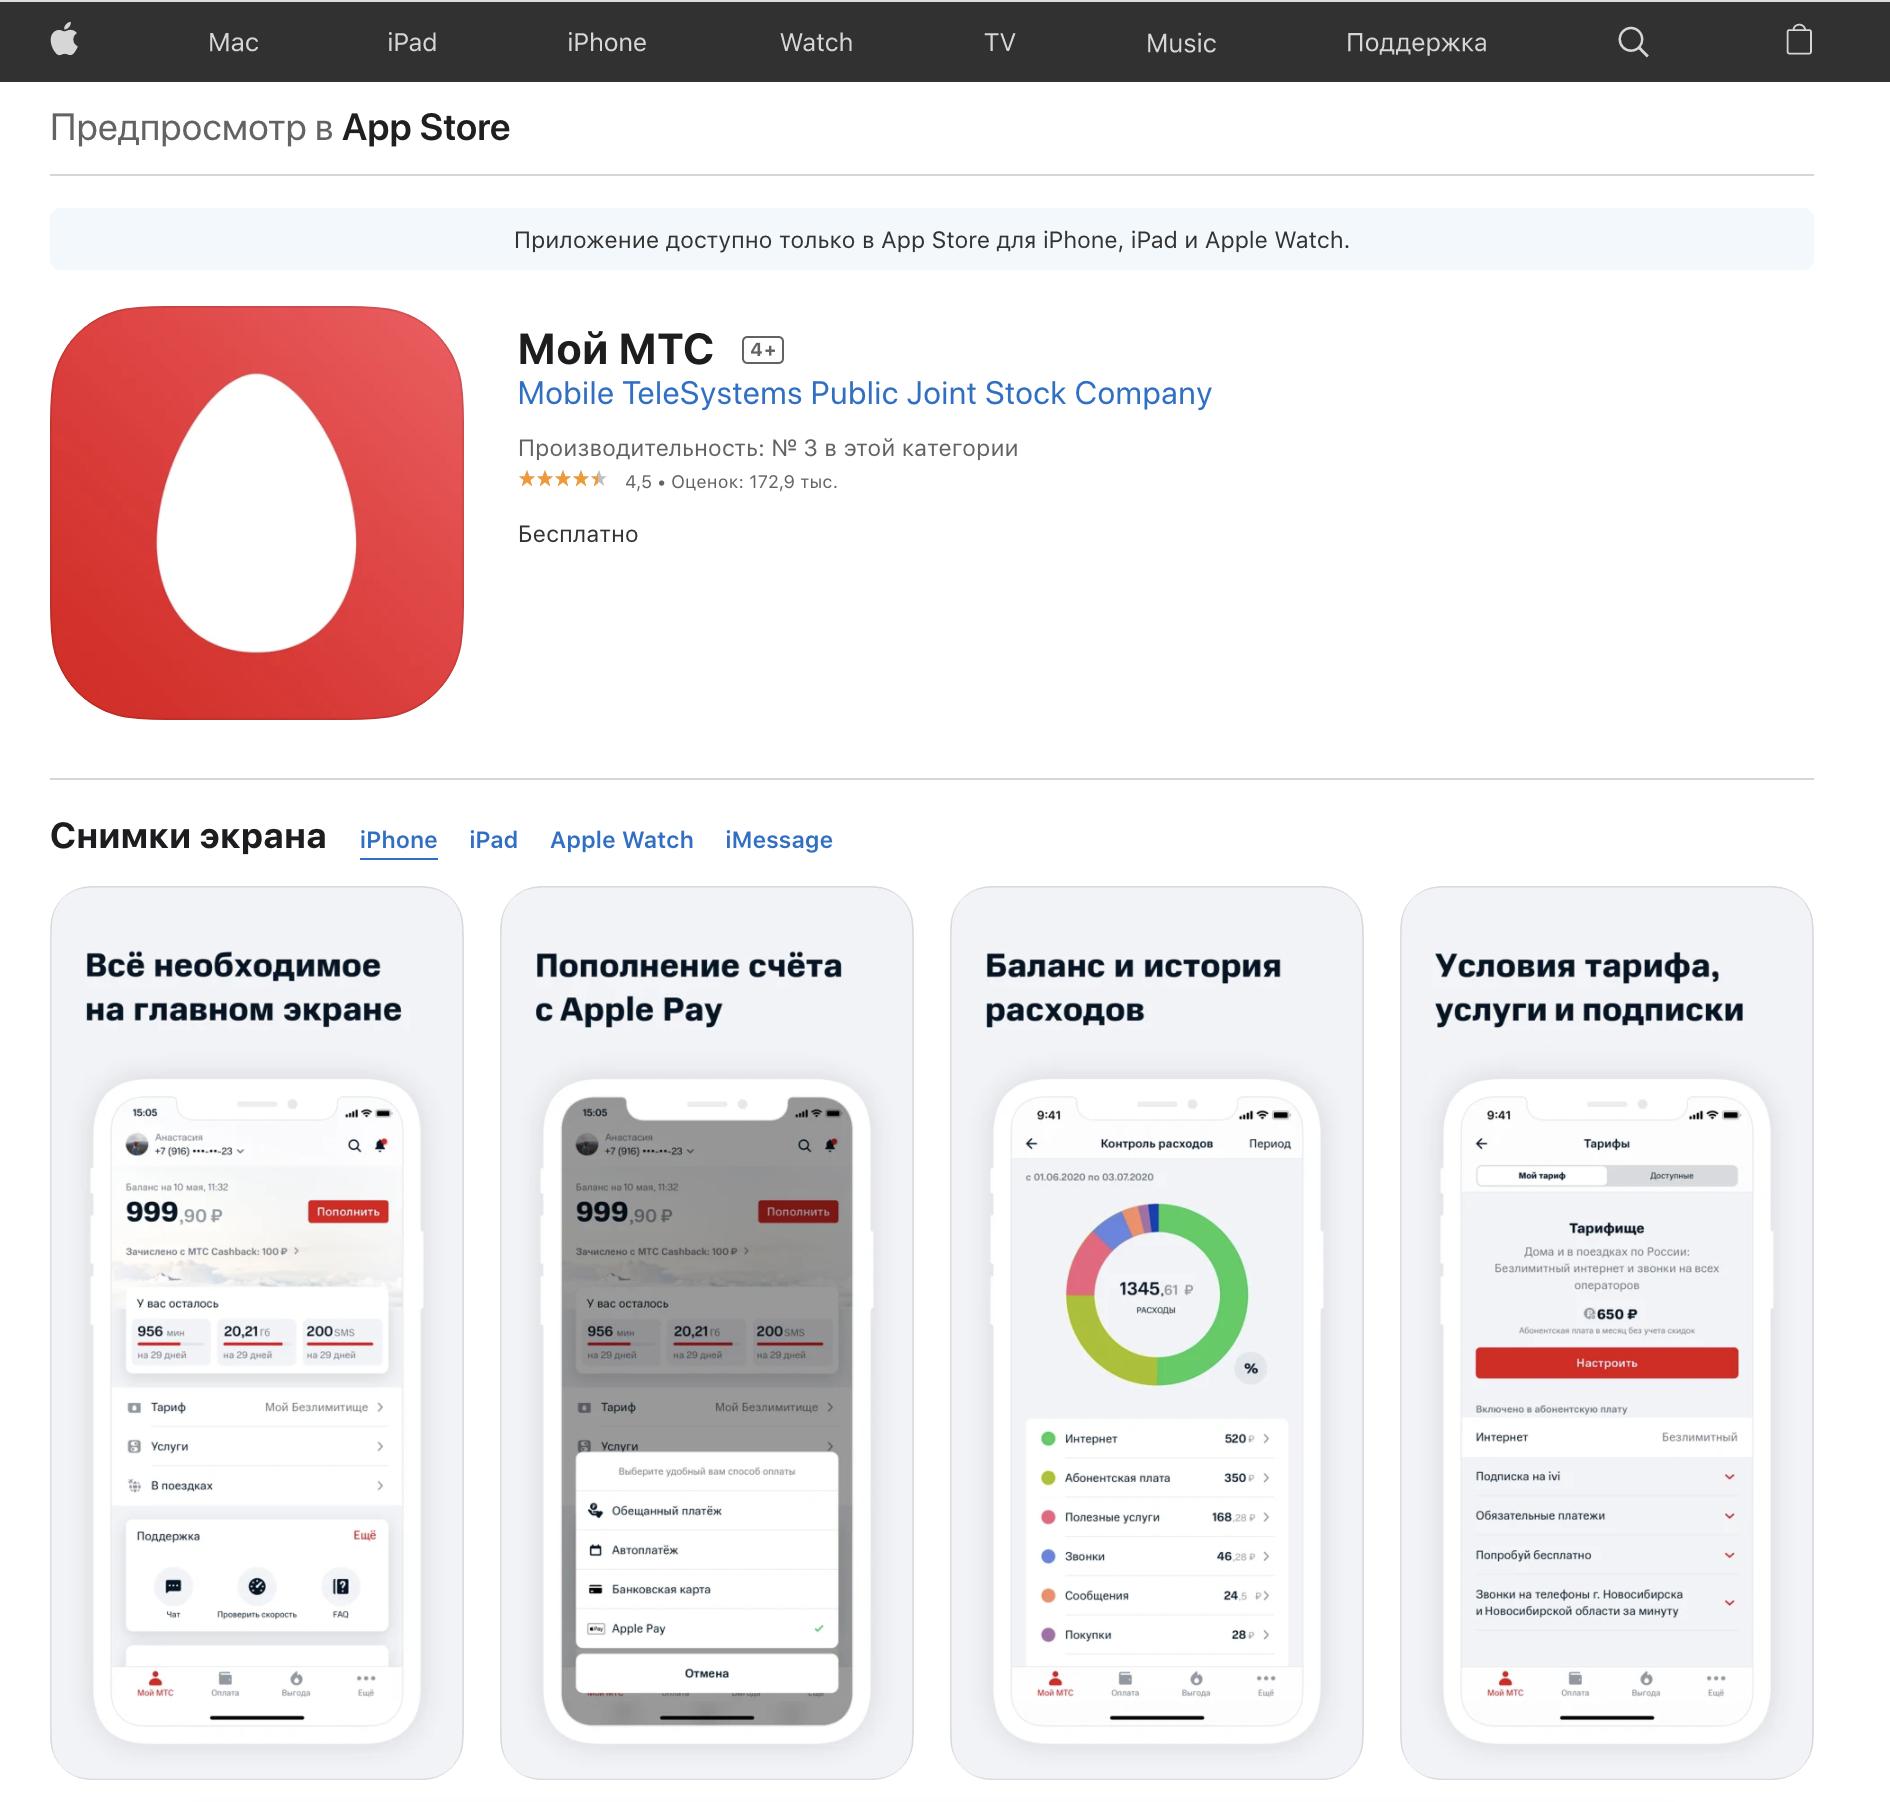 как установить приложение мой мтс на телефон iOS